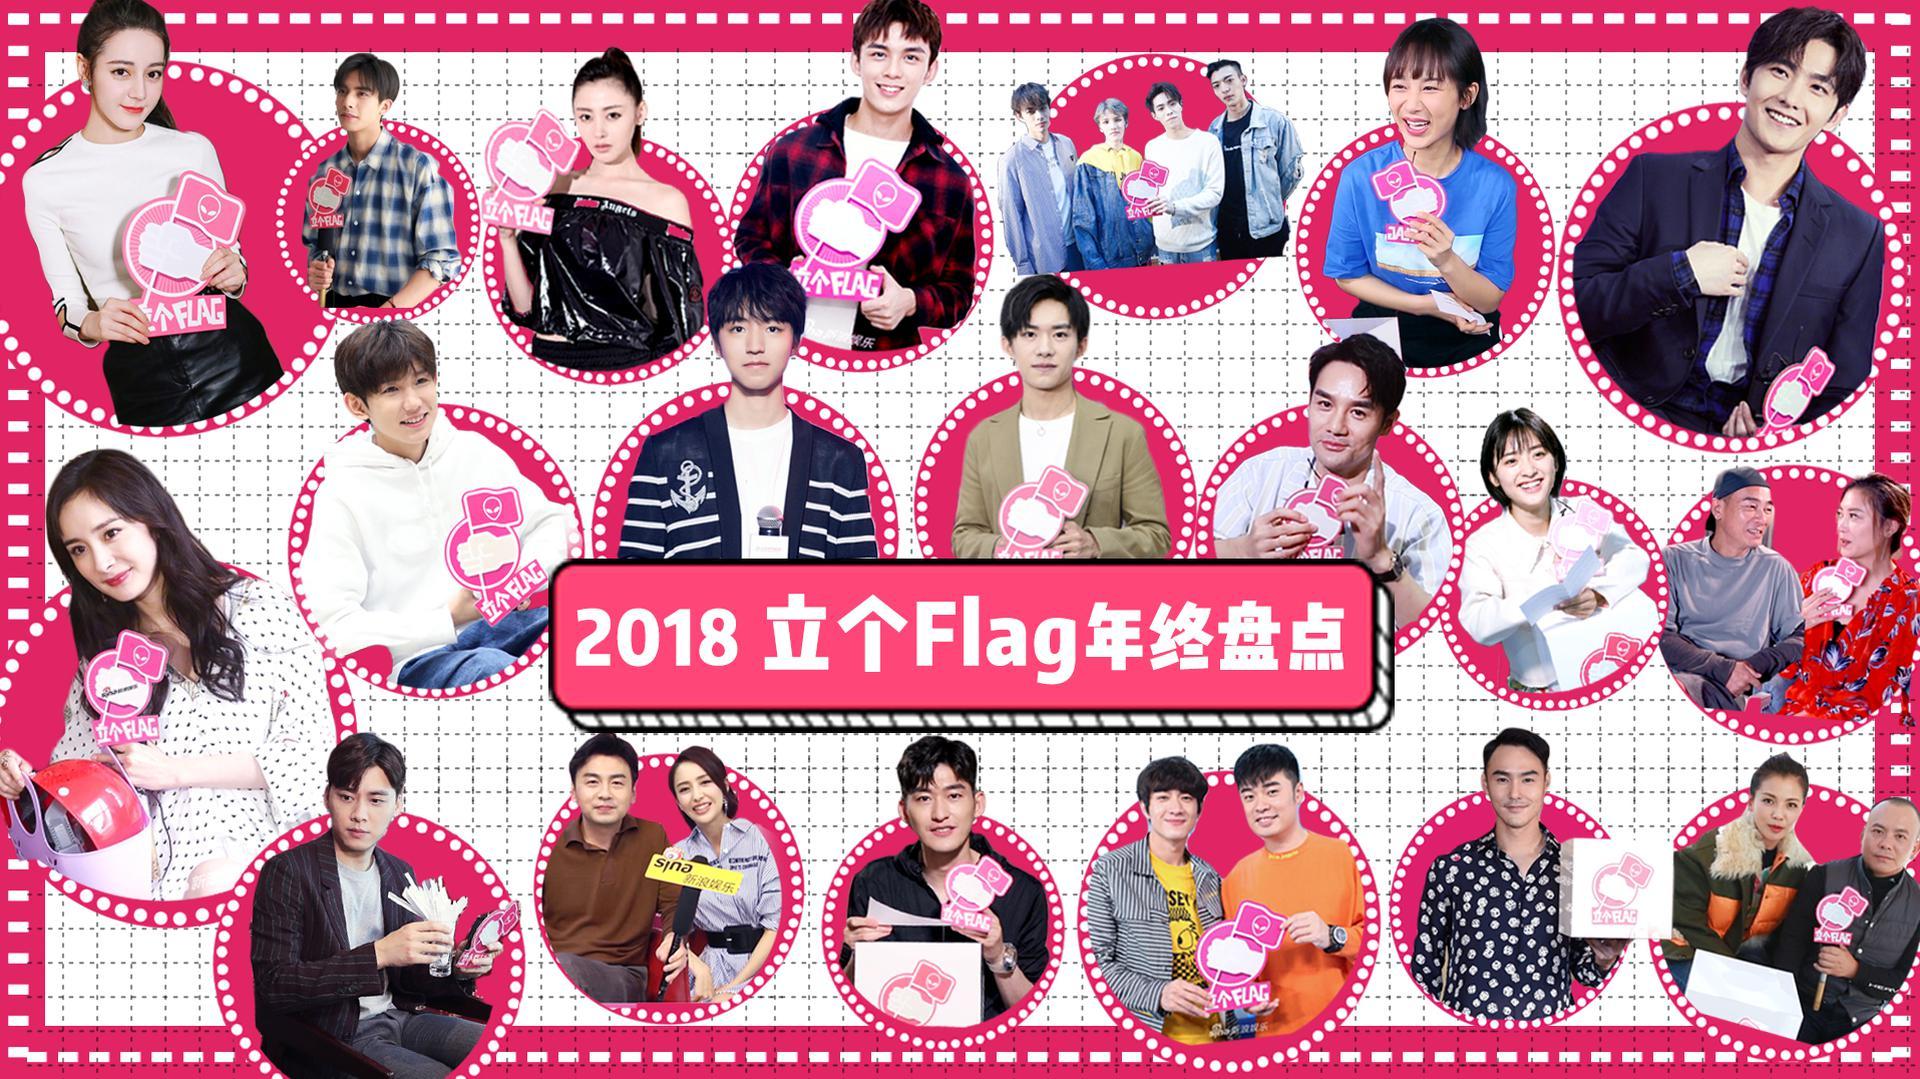 新浪娛樂2018年度盤點之2018和愛豆一起立個Flag